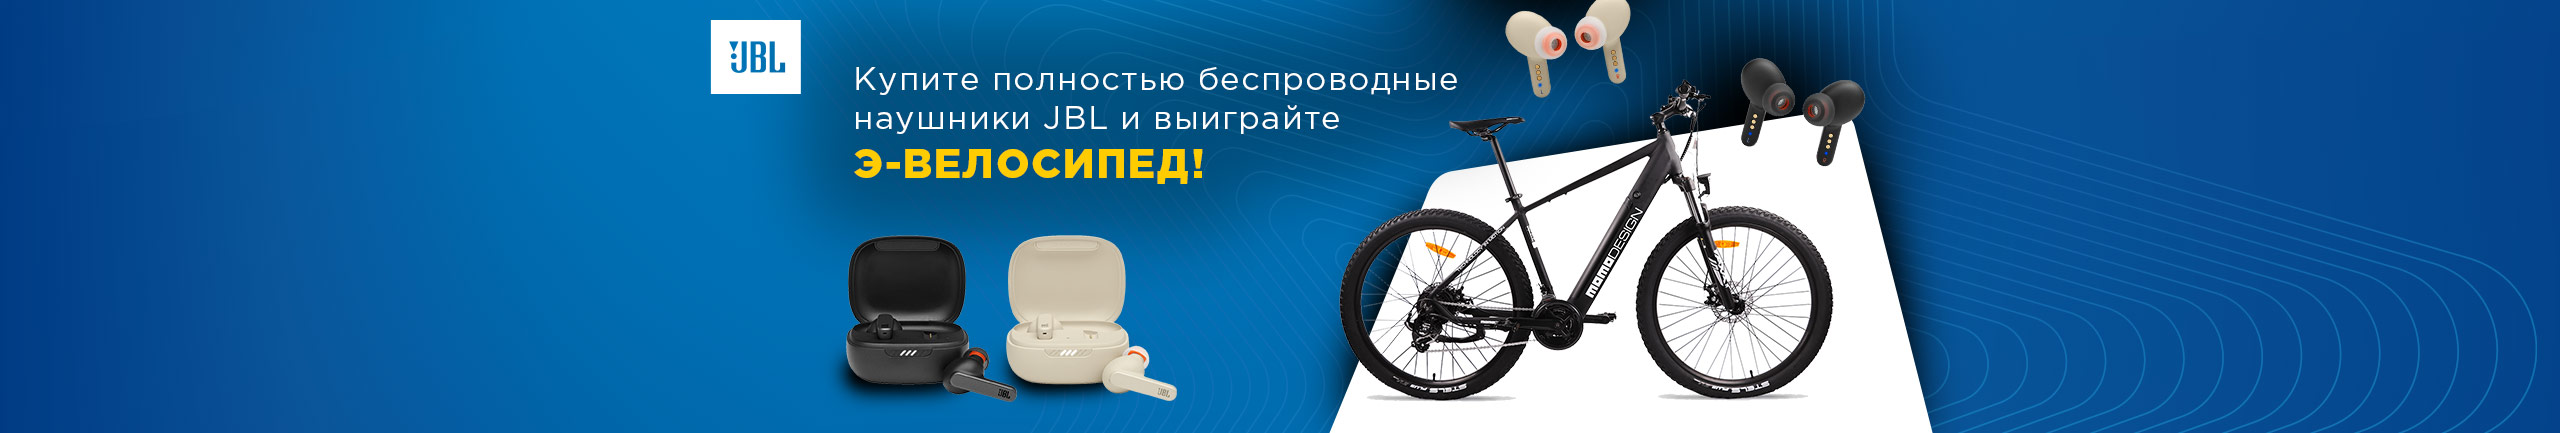 Купите полностью беспроводные наушники JBL и выиграйте э-велосипед!